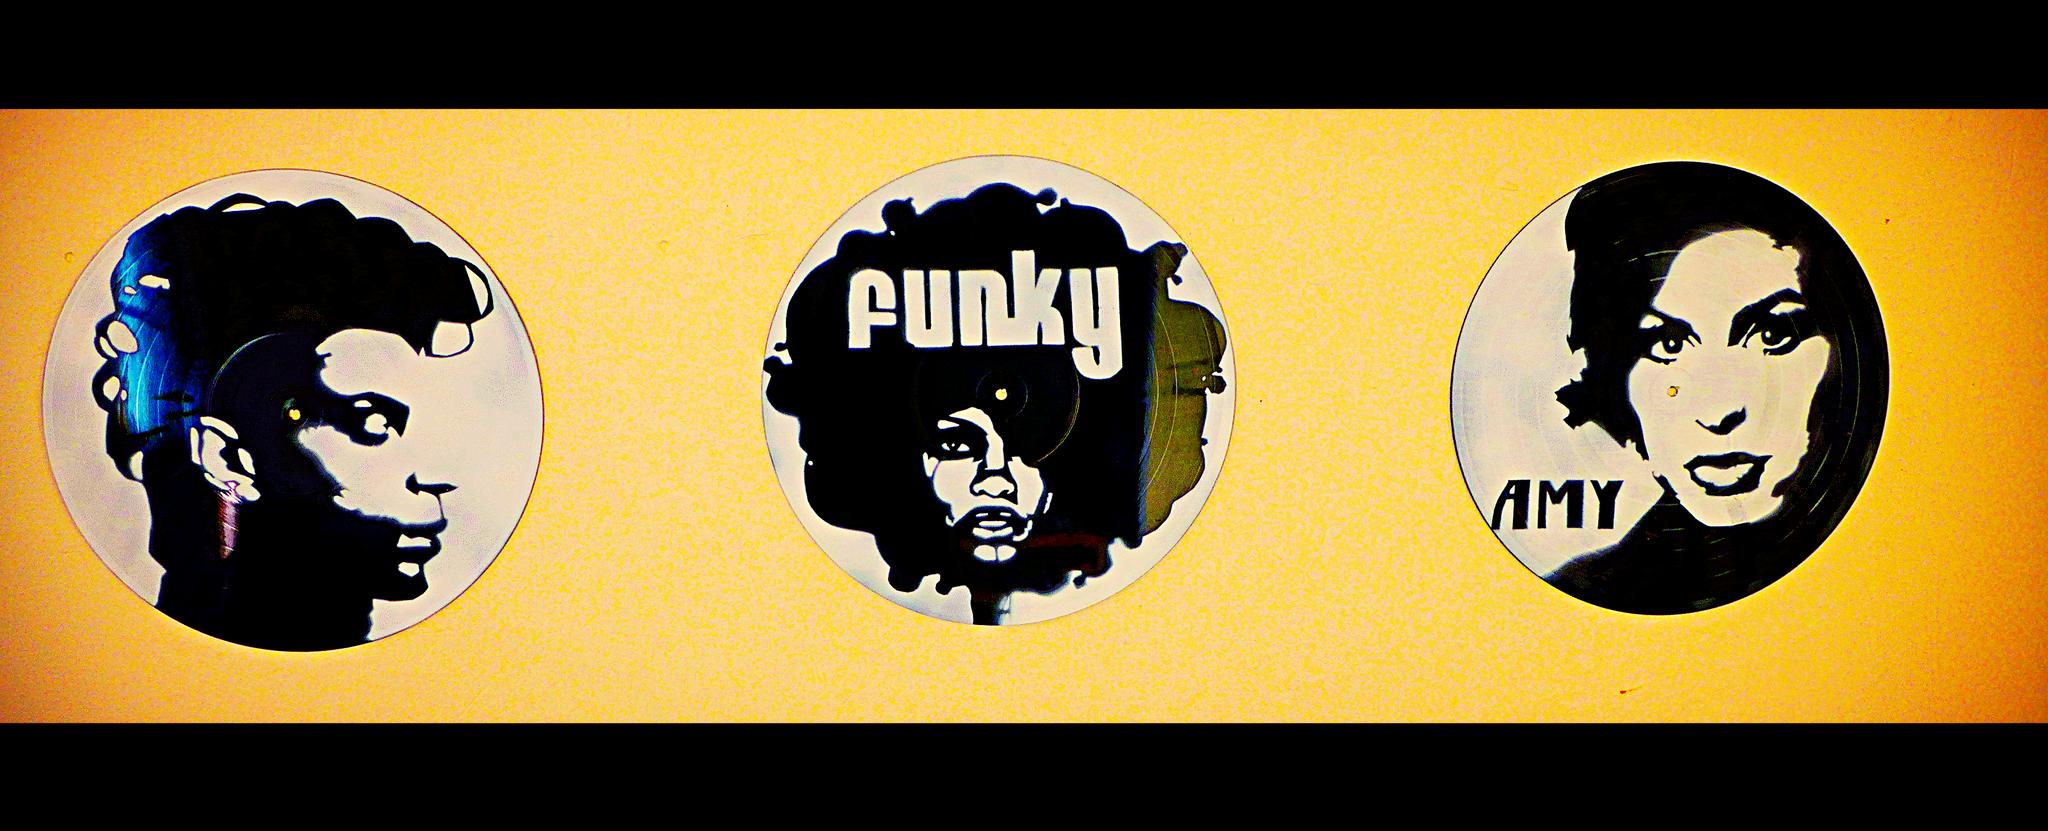 disque-vinyle-decoratif-personnalise.jpg